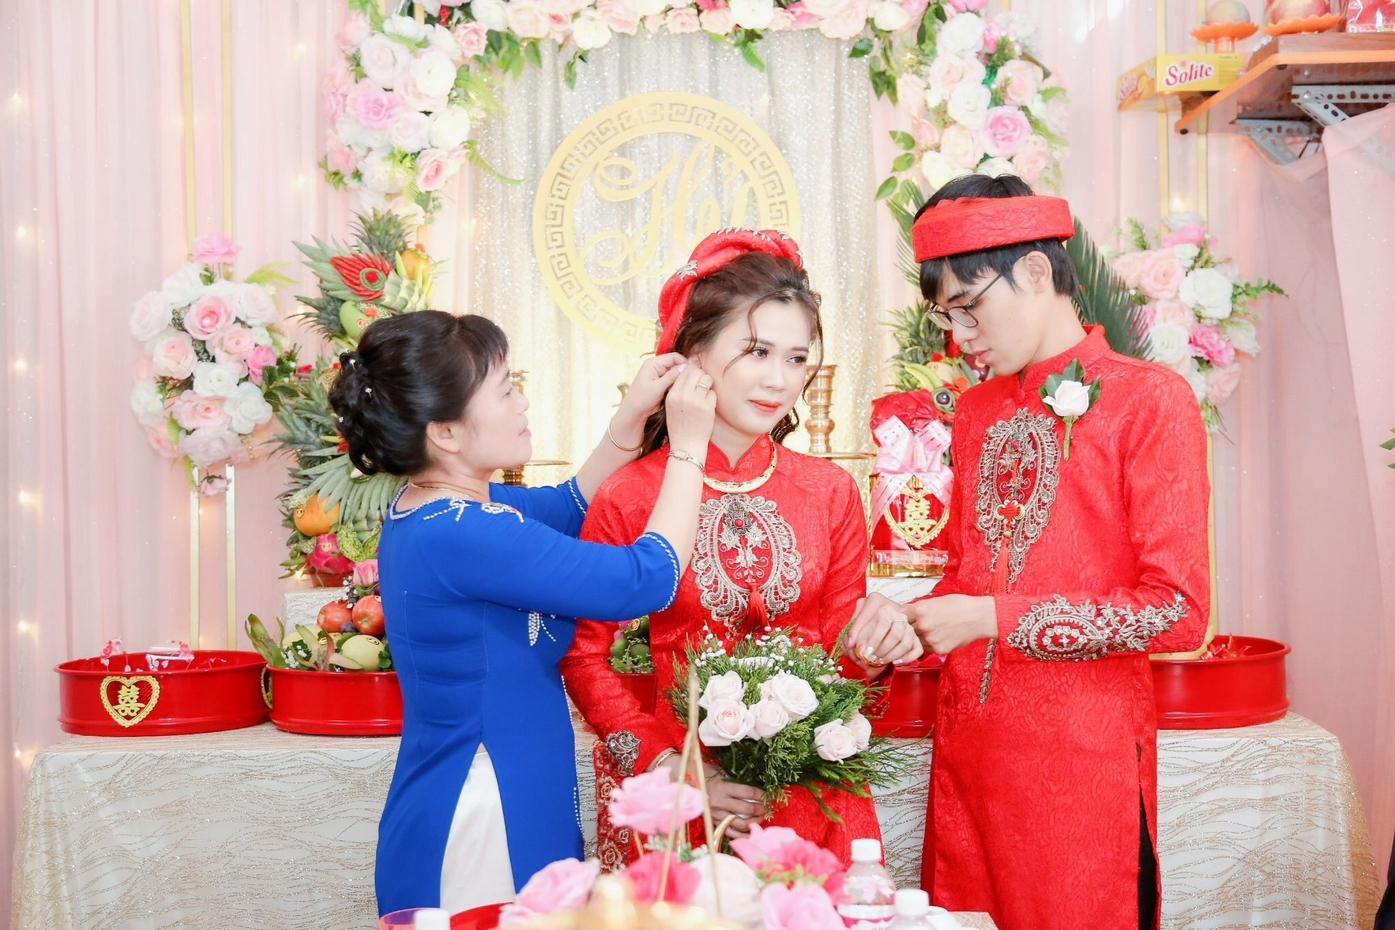 Áo dài cặp ren đen với phong cách đậm chất văn hóa truyền thống Việt Nam sẽ thích hợp với hầu hết mọi cô dâu chú rể